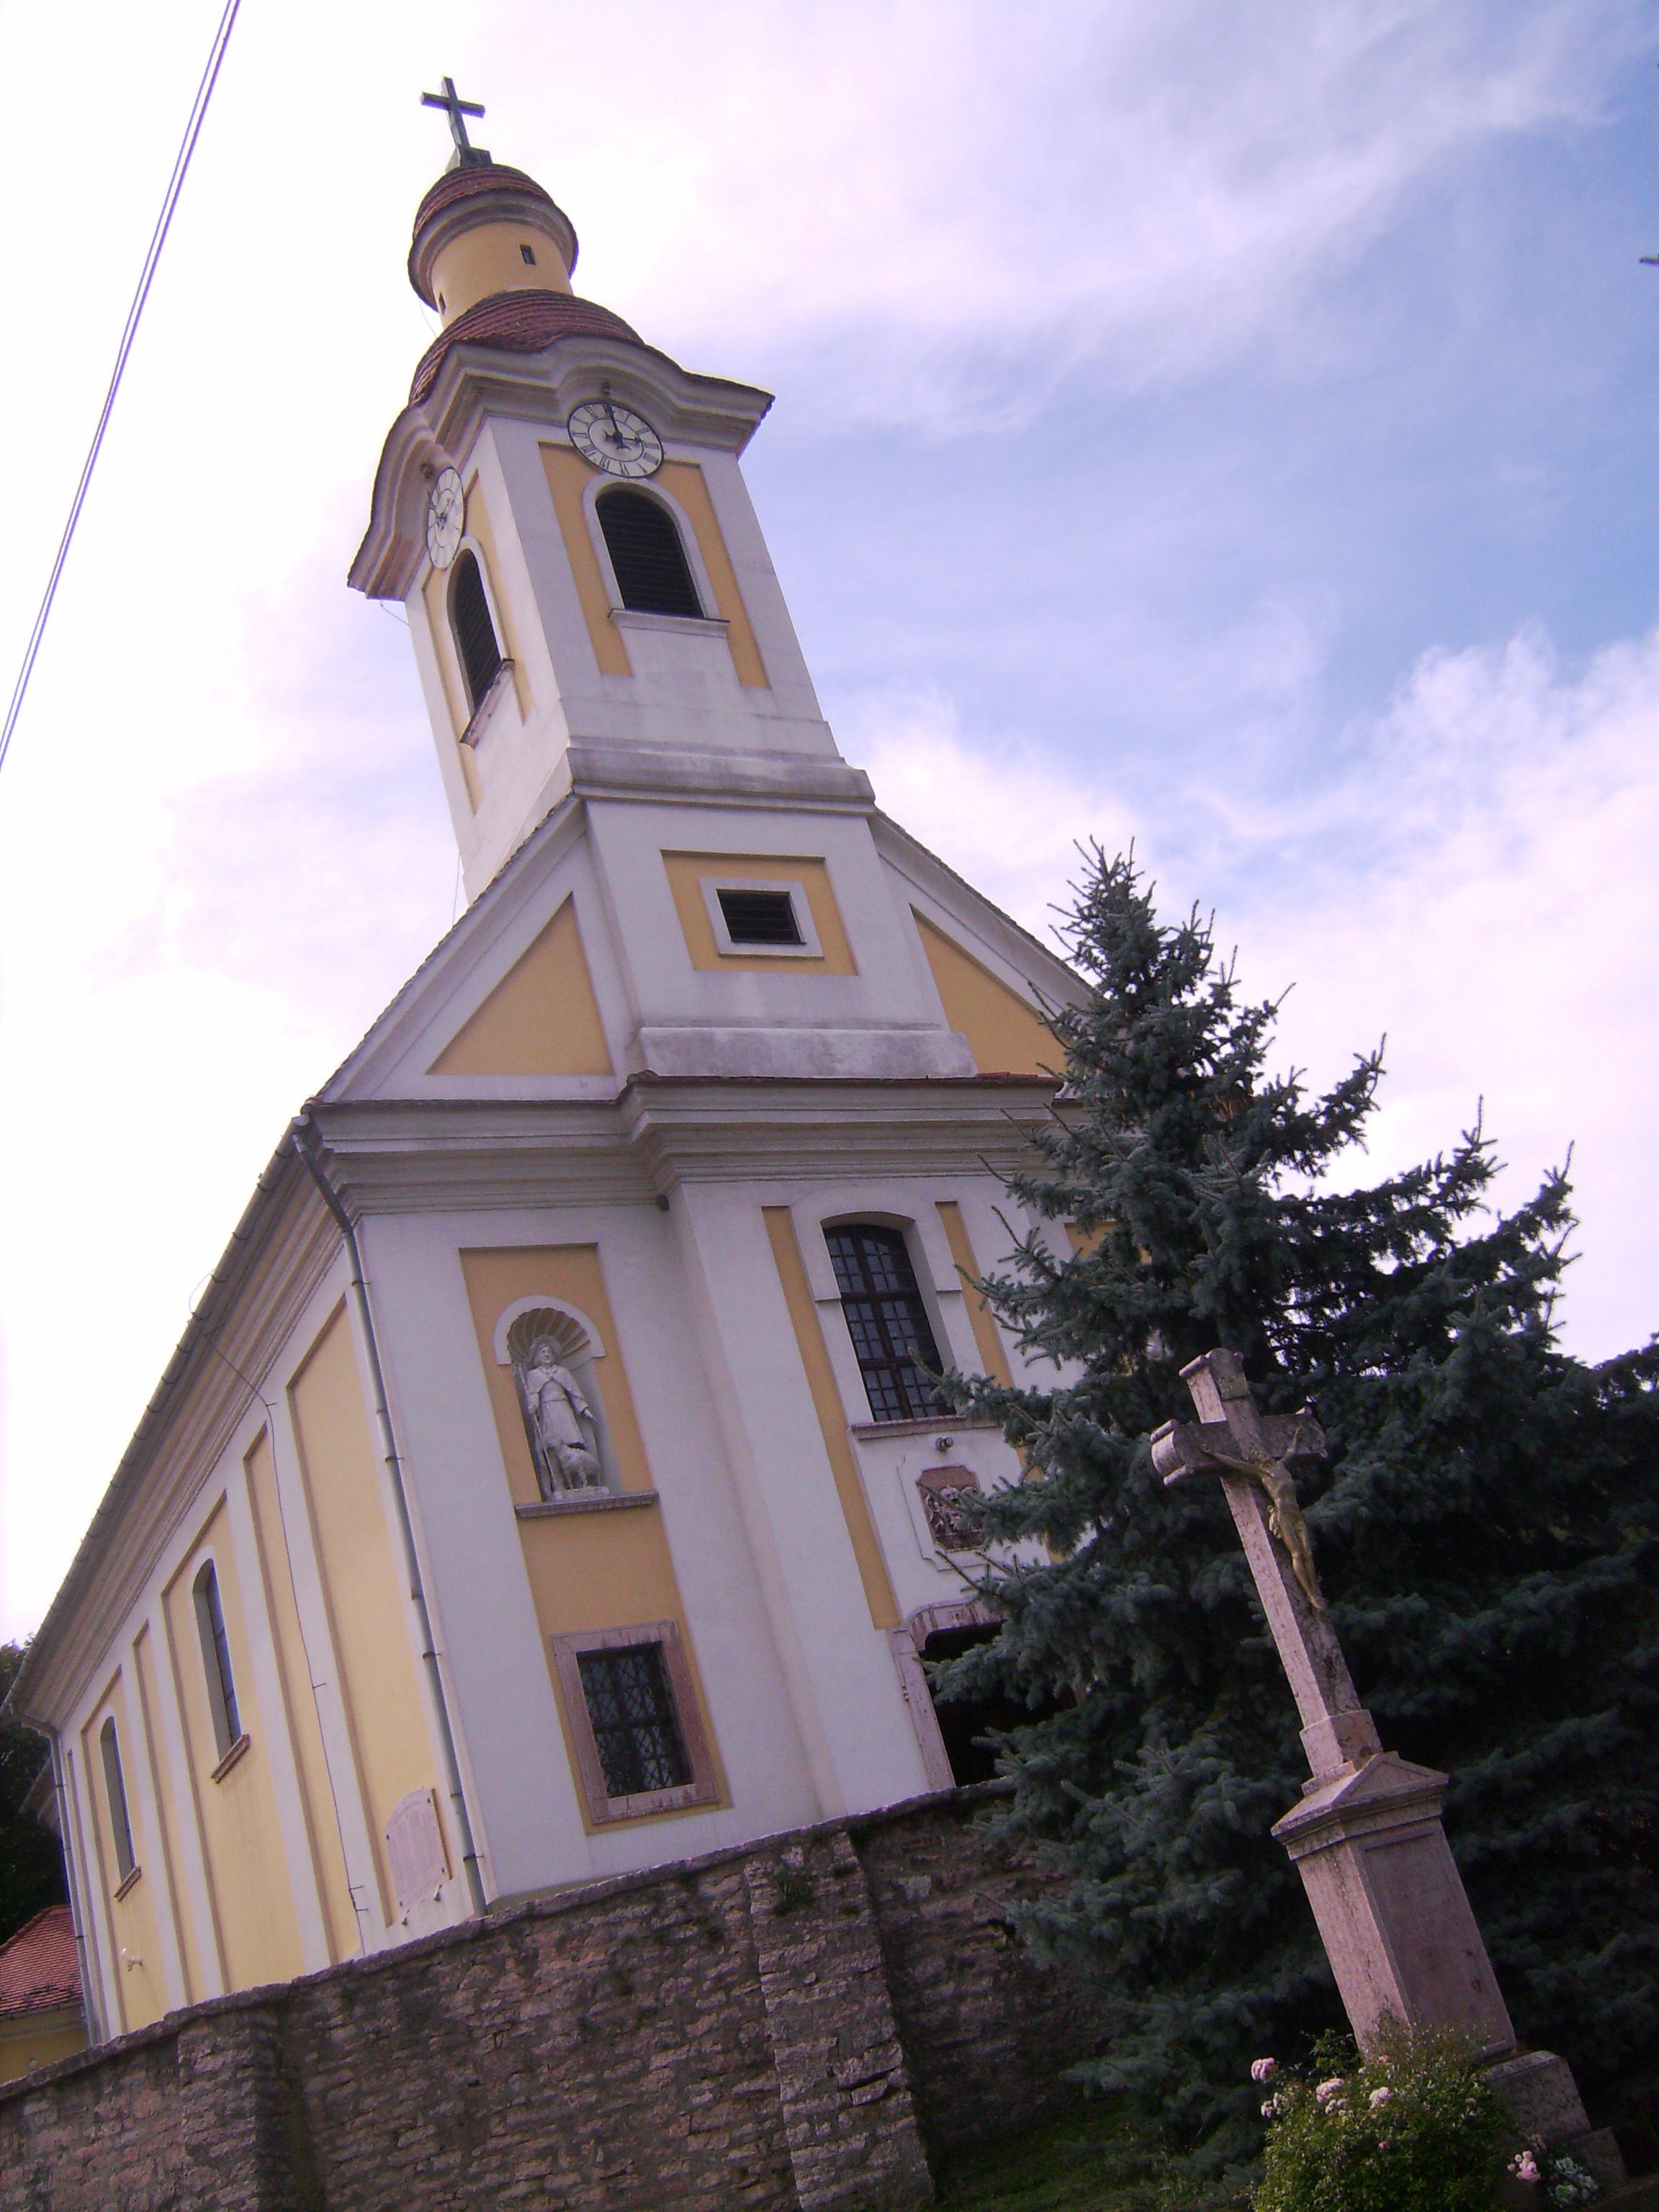 Szent Mária Magdolna plébániát 1775-ben az érsek támogatásával építették, 155 m2 alapterületű, paraszt-barokk stílusú volt.<br />A 200 év alatt többszöri felújítást megélt templomot az 1970-es években külsőleg teljesen fel kellett újítani.